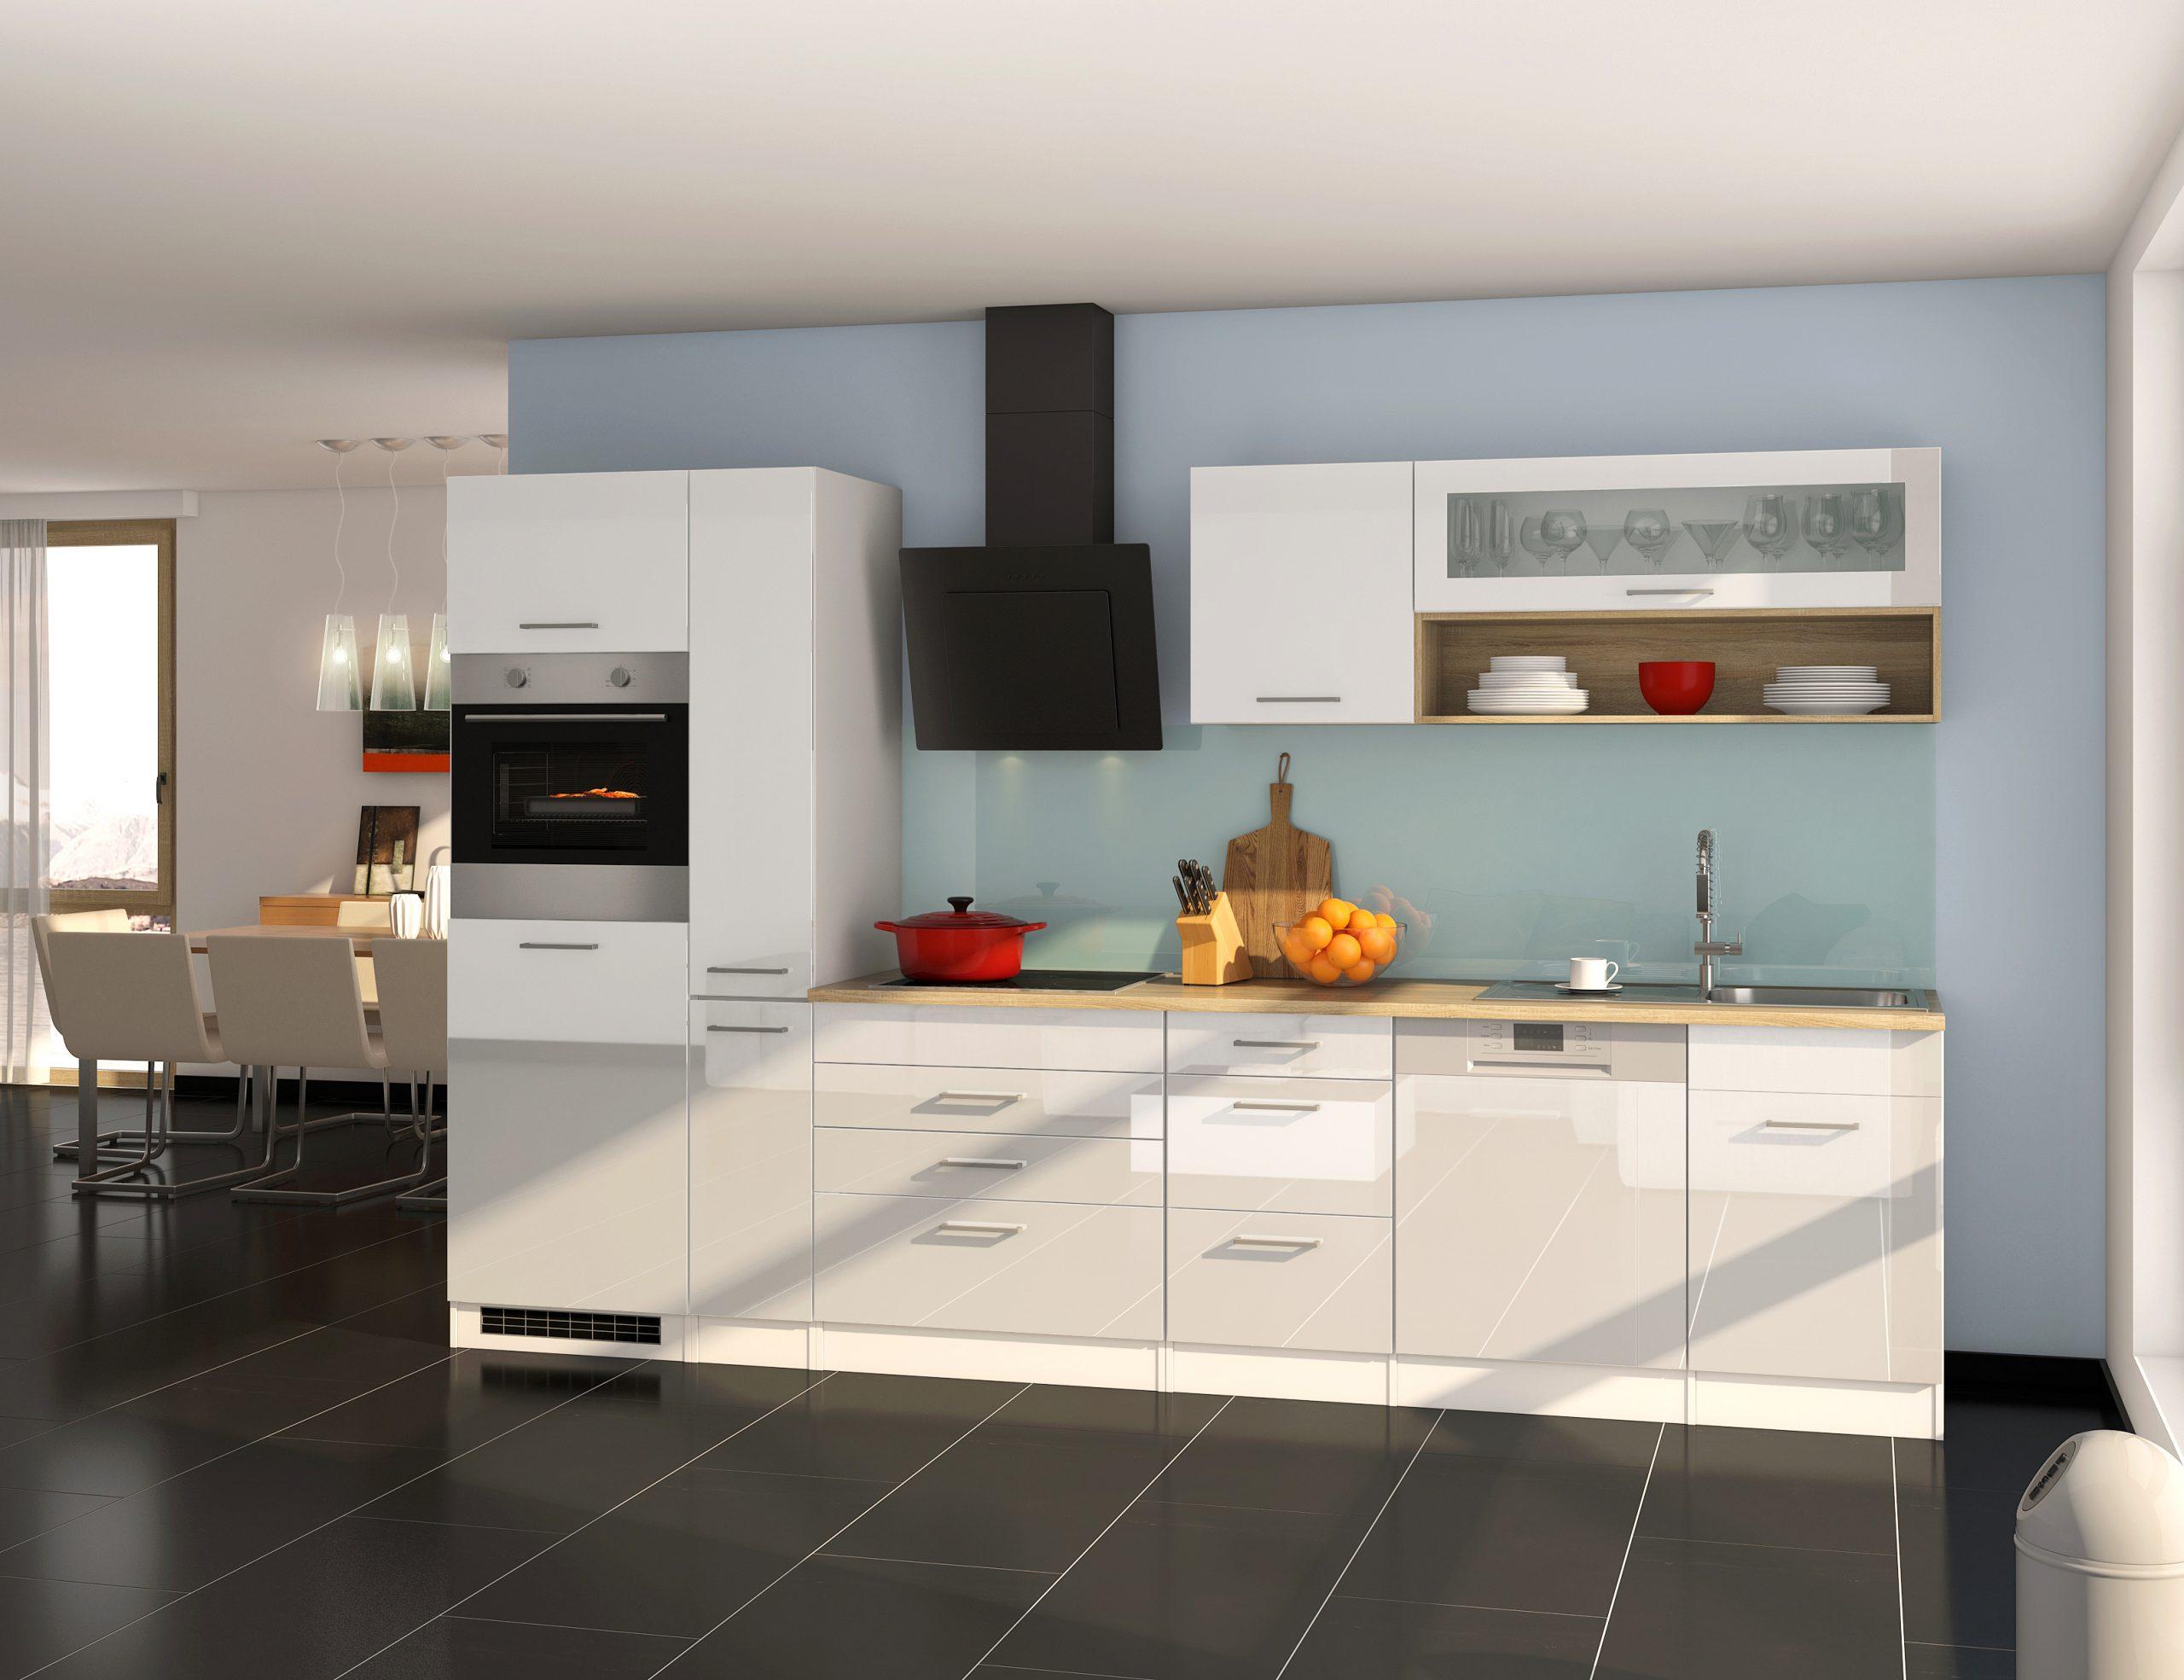 Full Size of Komplettküche Billig Einbauküche Ohne Kühlschrank Kaufen Miele Komplettküche Respekta Küche Küchenzeile Küchenblock Einbauküche Komplettküche Weiß 320 Cm Küche Einbauküche Ohne Kühlschrank